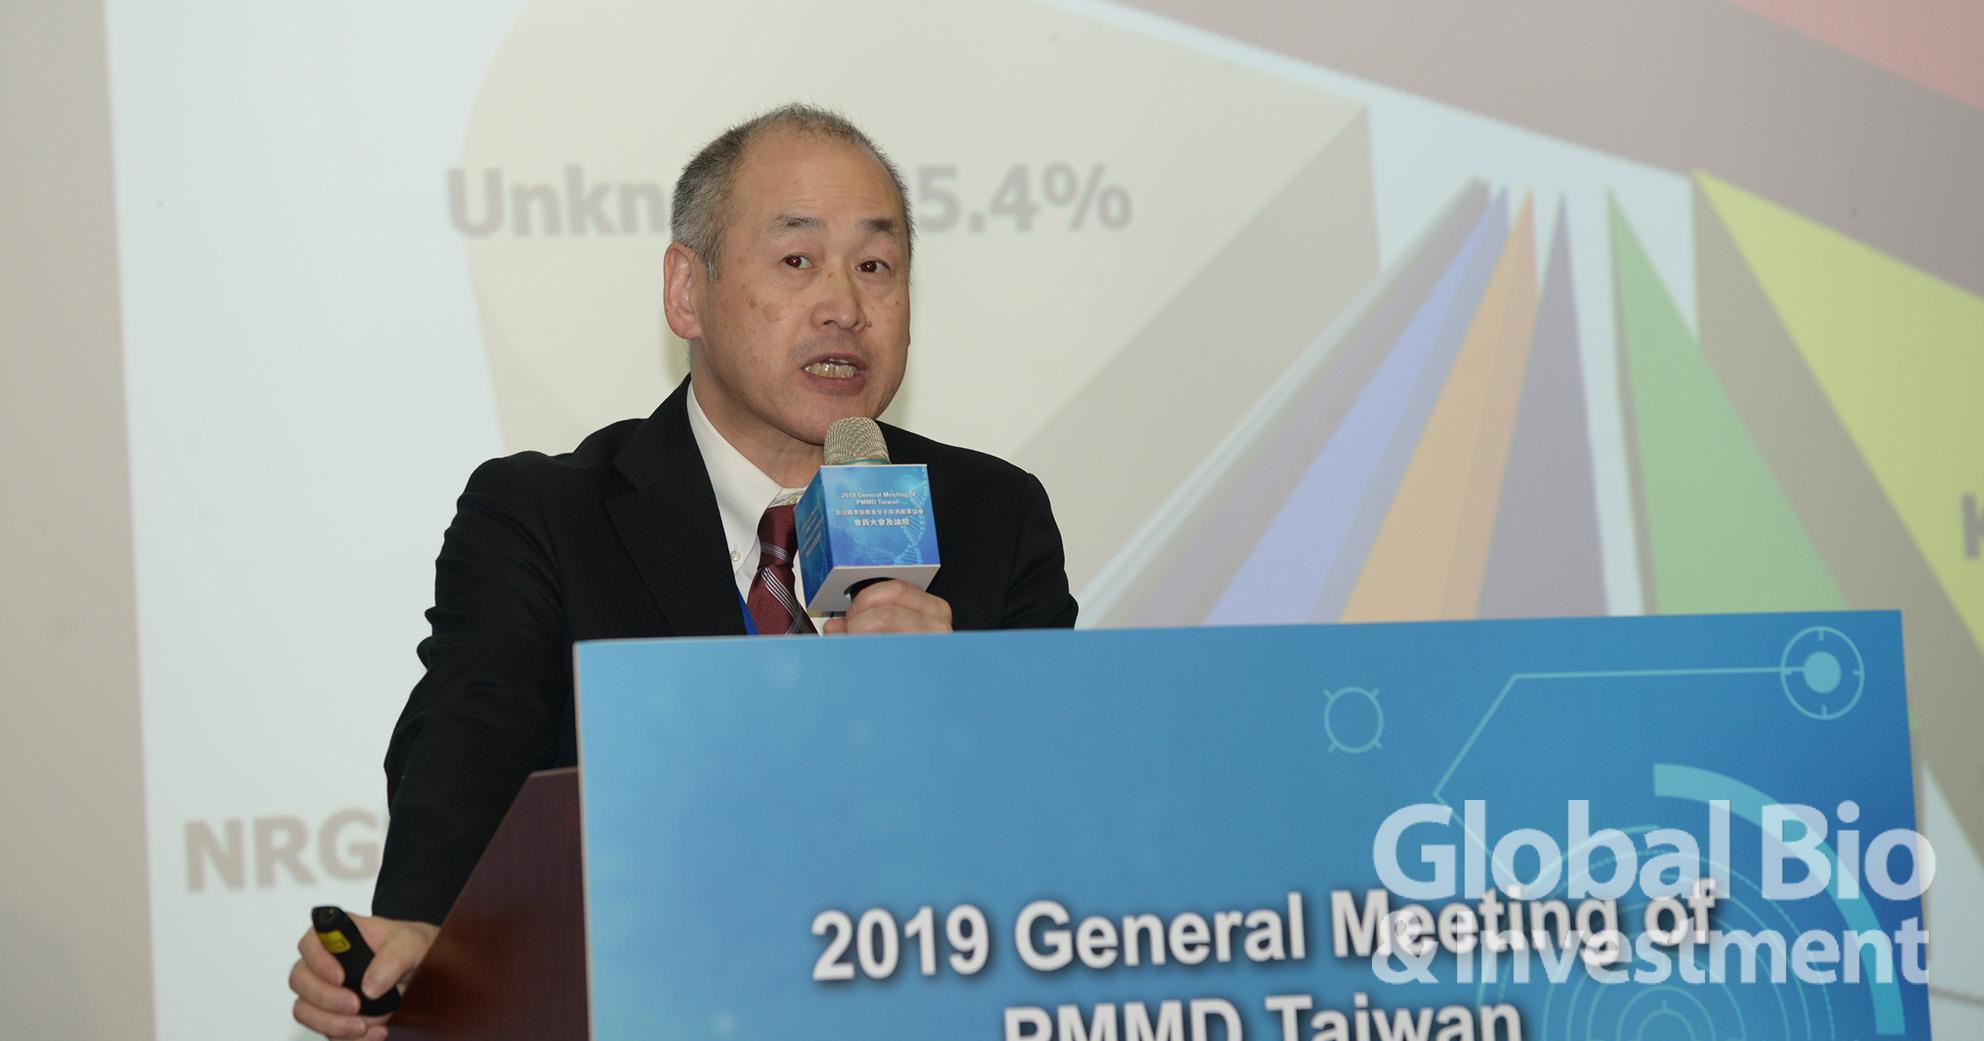 日本國家癌症中心胸腔腫瘤科醫師Koichi Goto應邀出席演講。(攝影:林嘉慶)